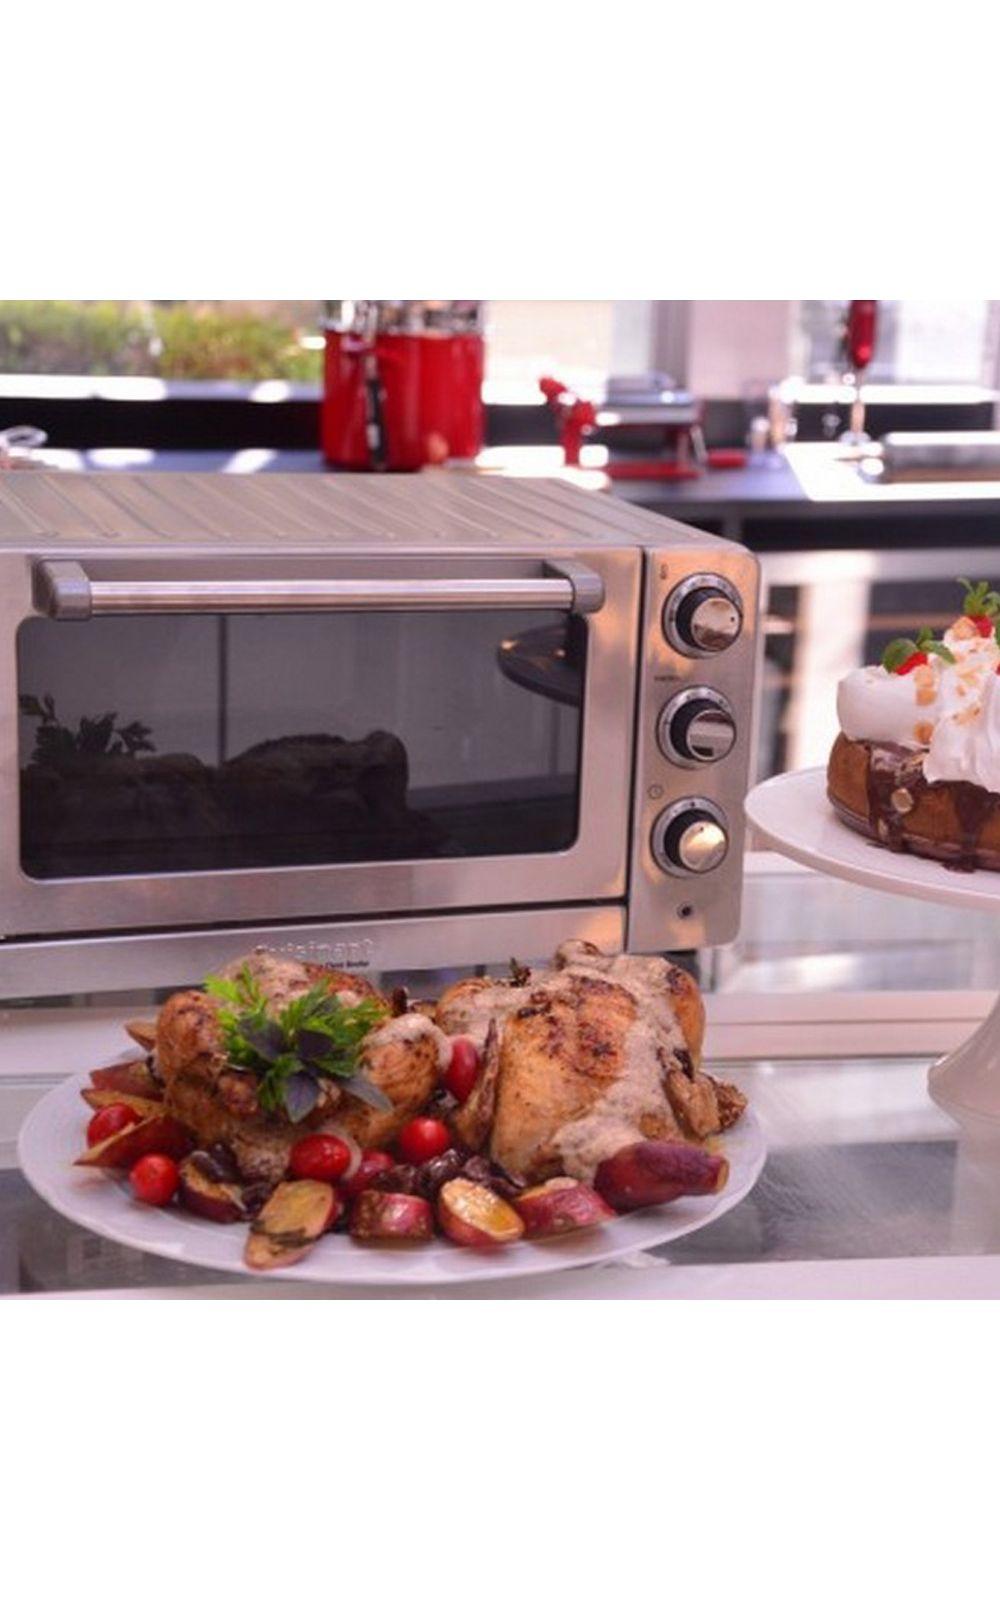 Foto 5 - Forno Elétrico em Aço Escovado Tob 60nbr 220V Cuisinart